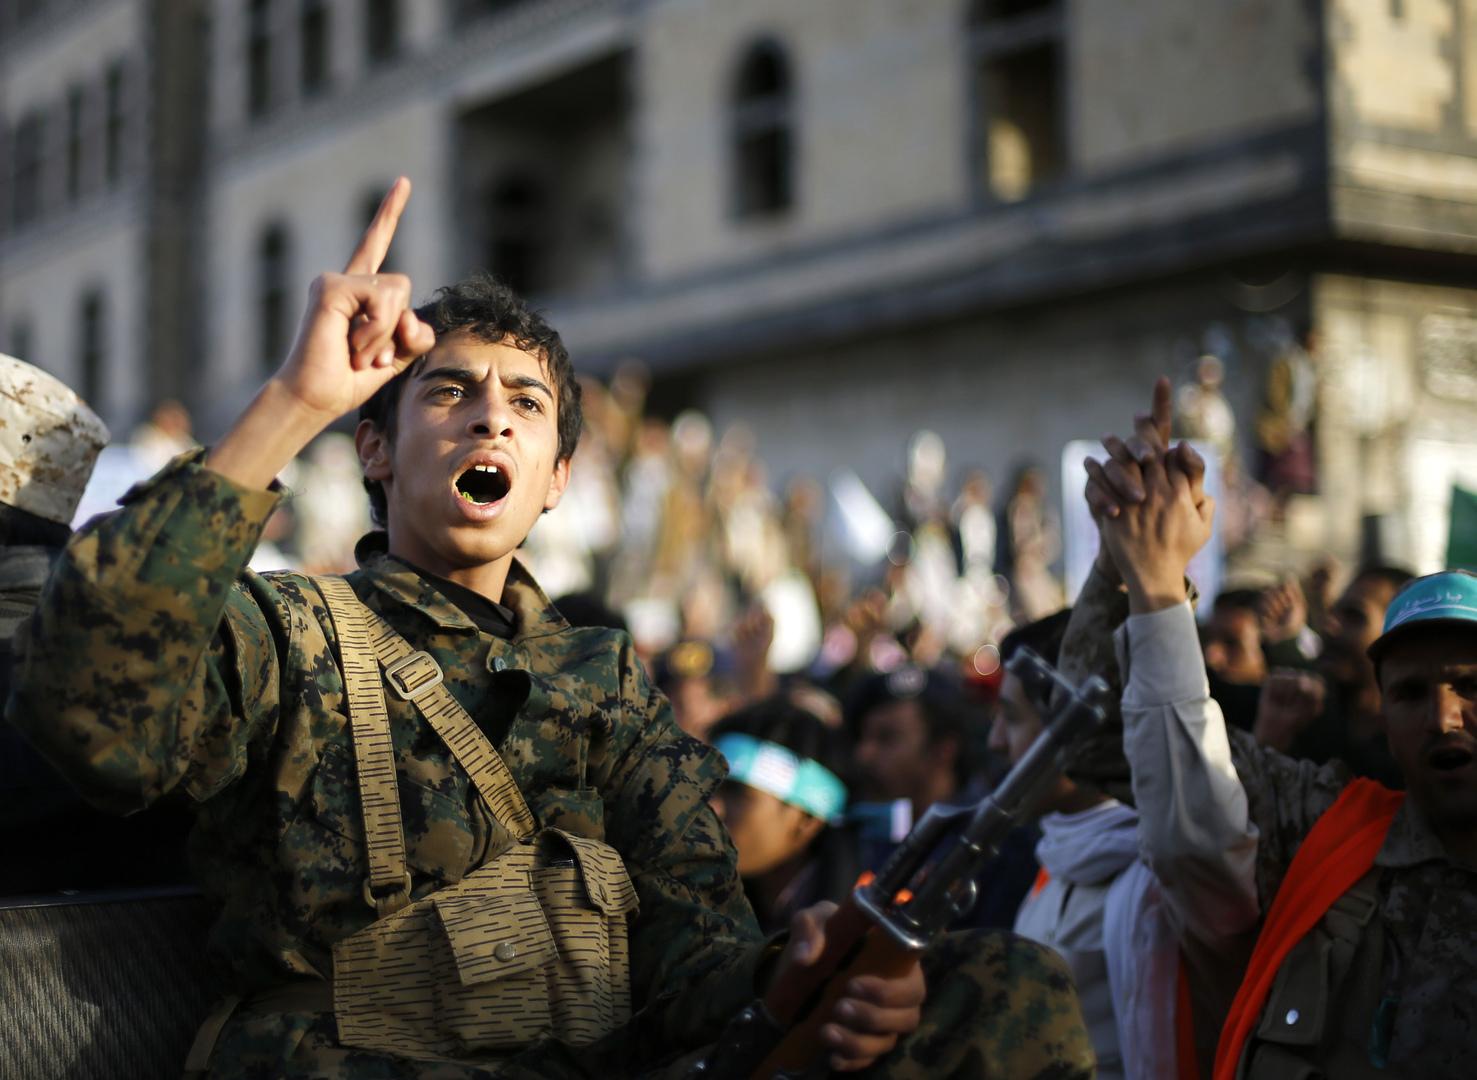 الحوثيون يعلنون تنفيذ عملية كبيرة ضد السعودية ويتوعدون بتوسيع هجماتهم